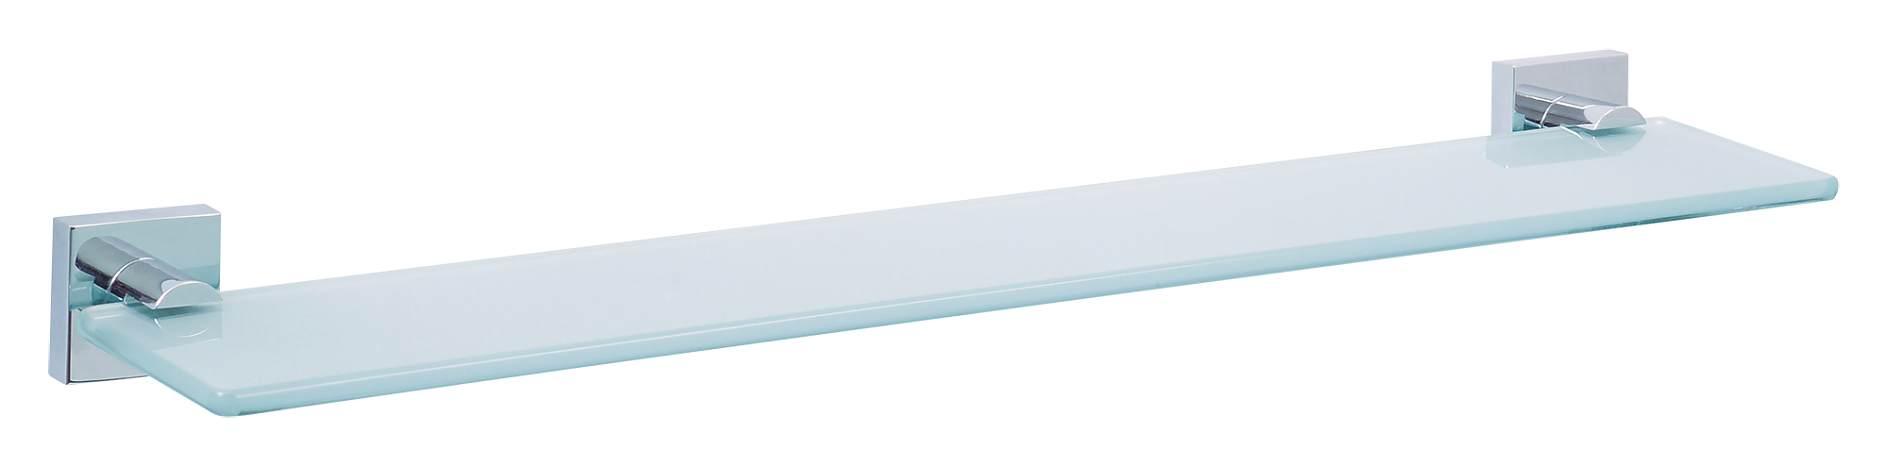 Glasablage f rs bad ohne bohren entdecken meinbad by tesa for Glasablage bad ohne bohren